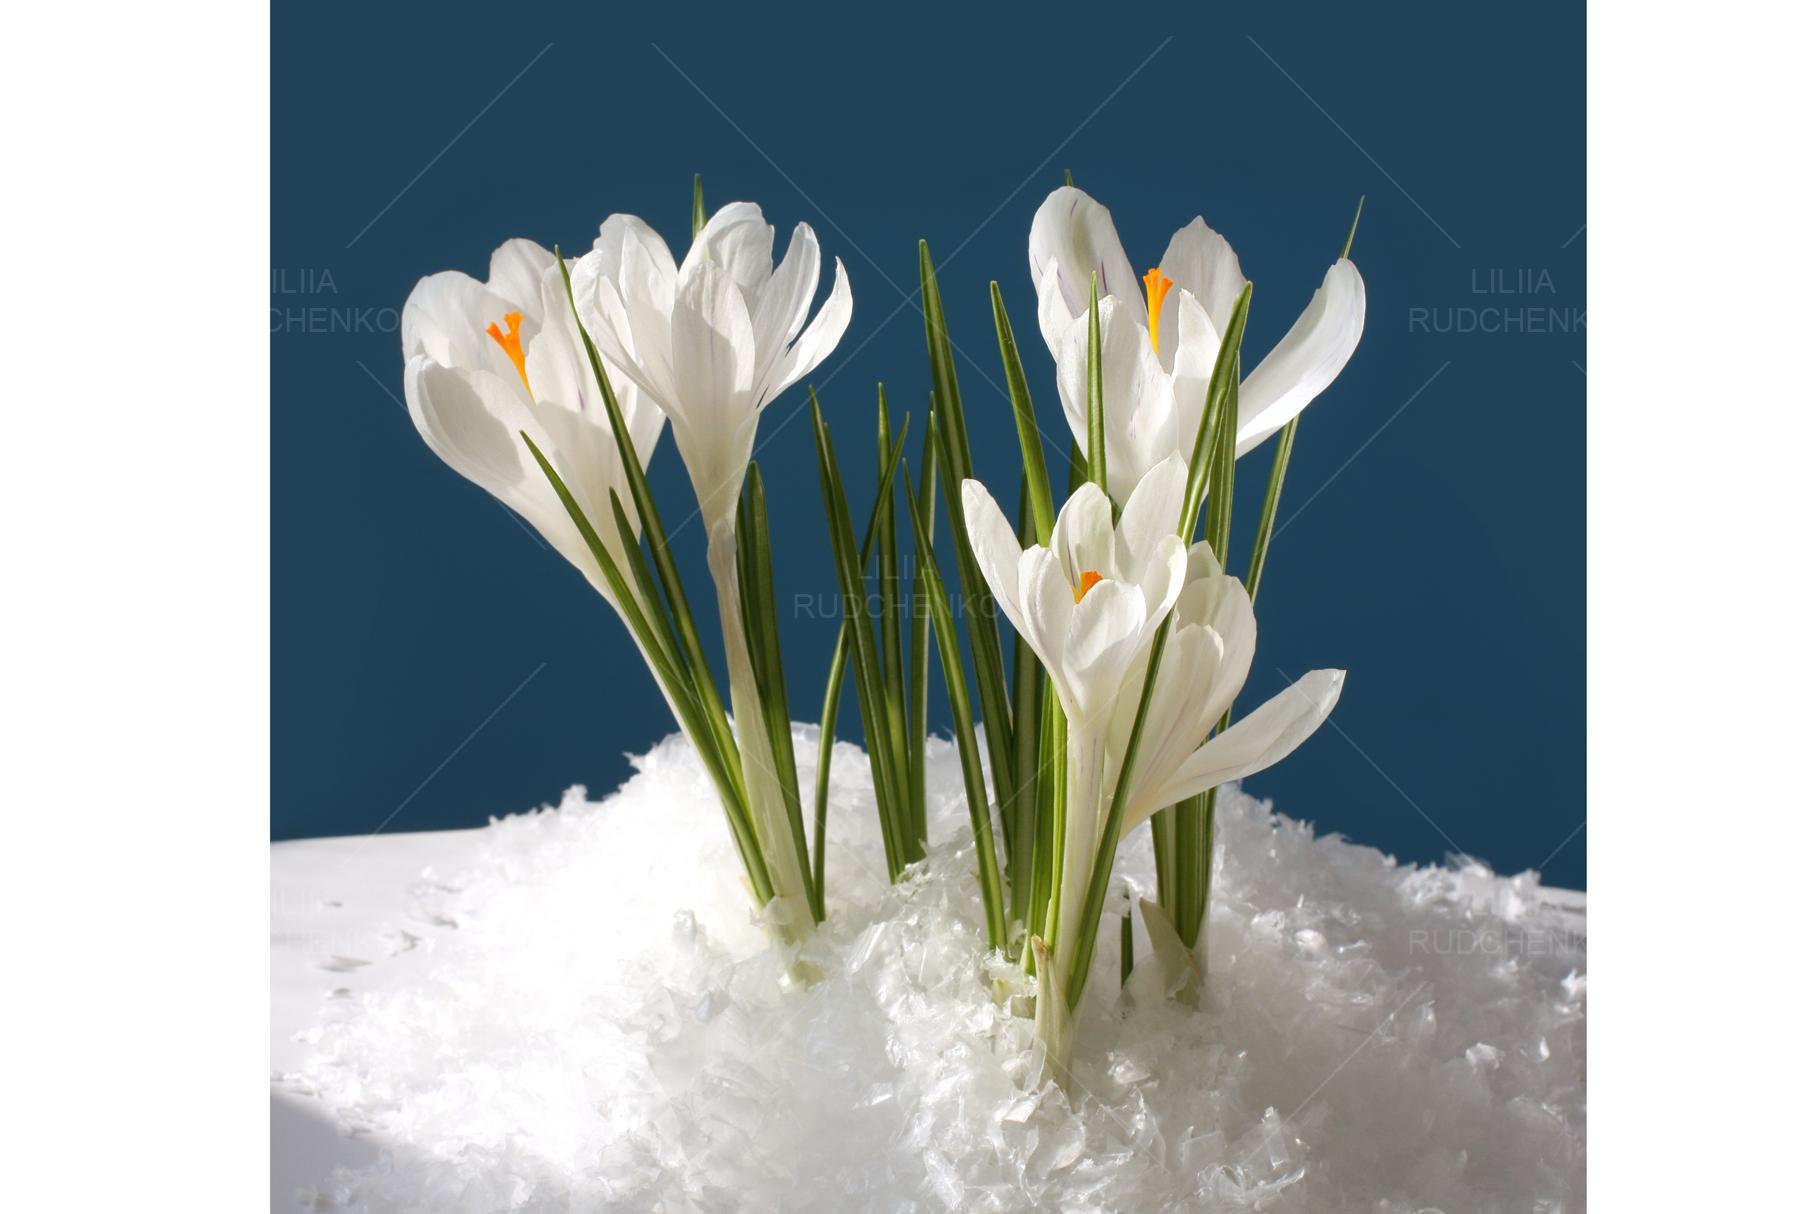 Snowdrop Crocus Flower In Snow 132780 Nature Design Bundles